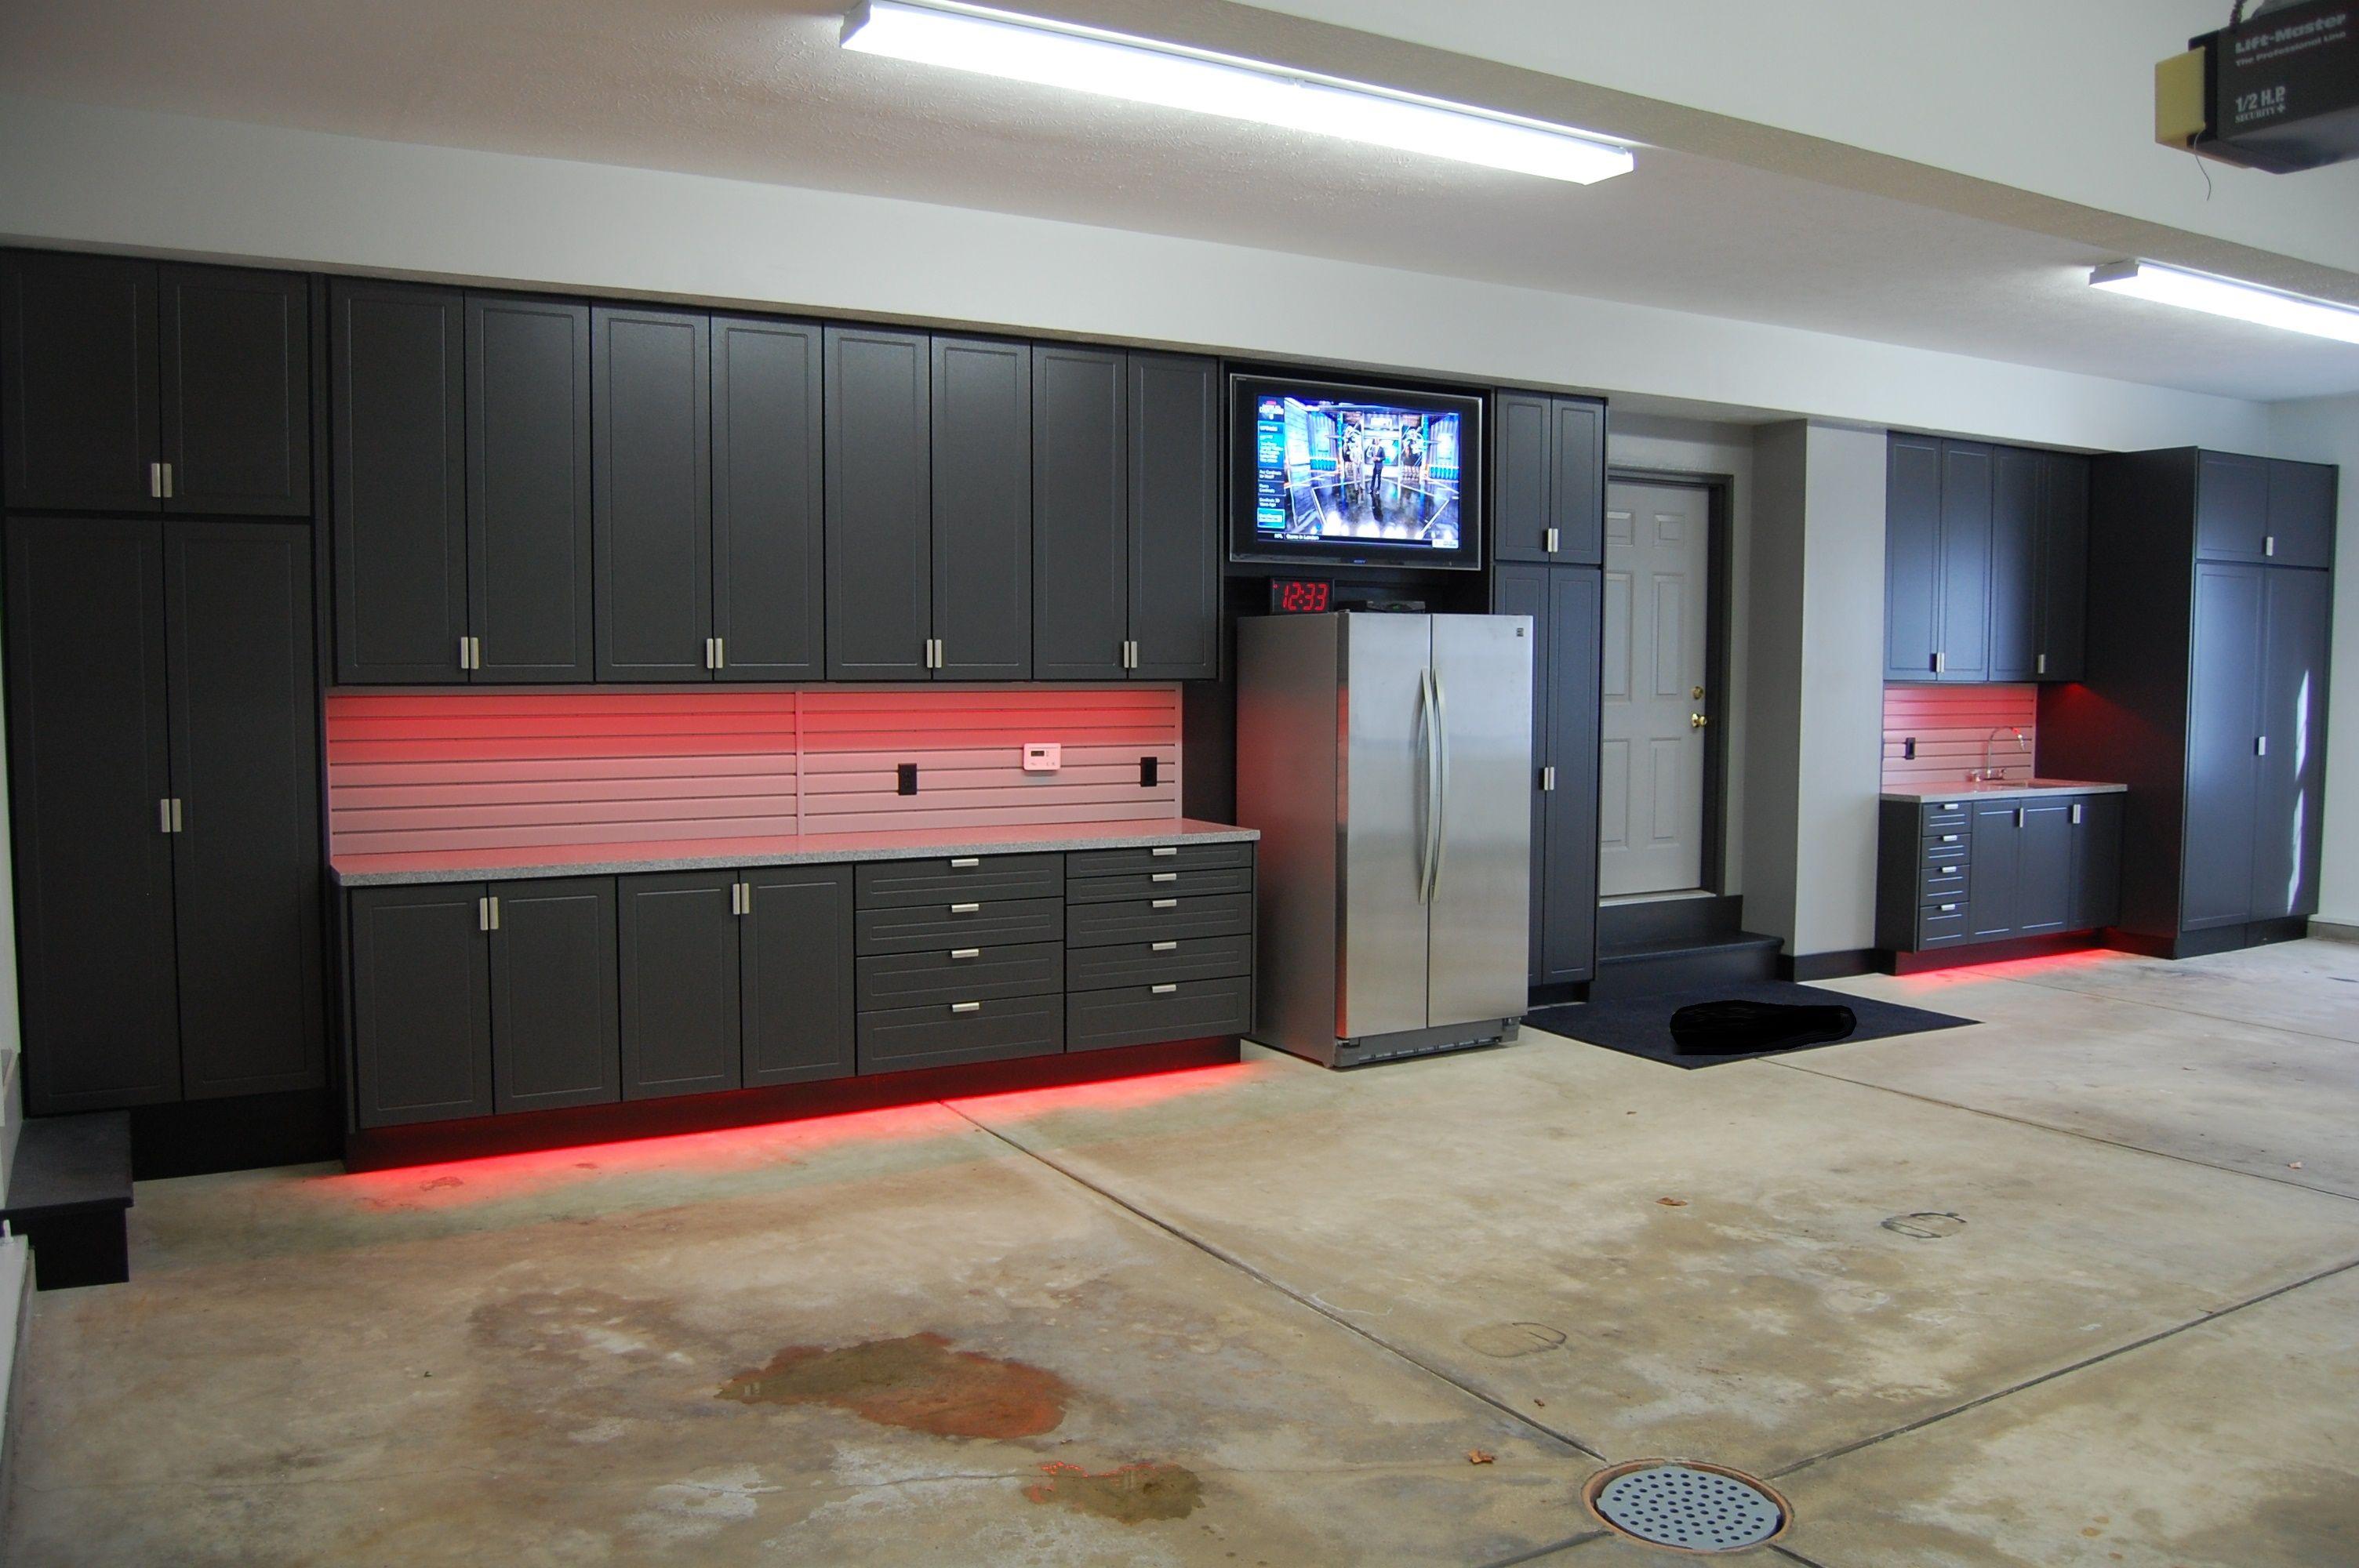 Garage Design With Concrete Garage Floor And Garage Storage Or